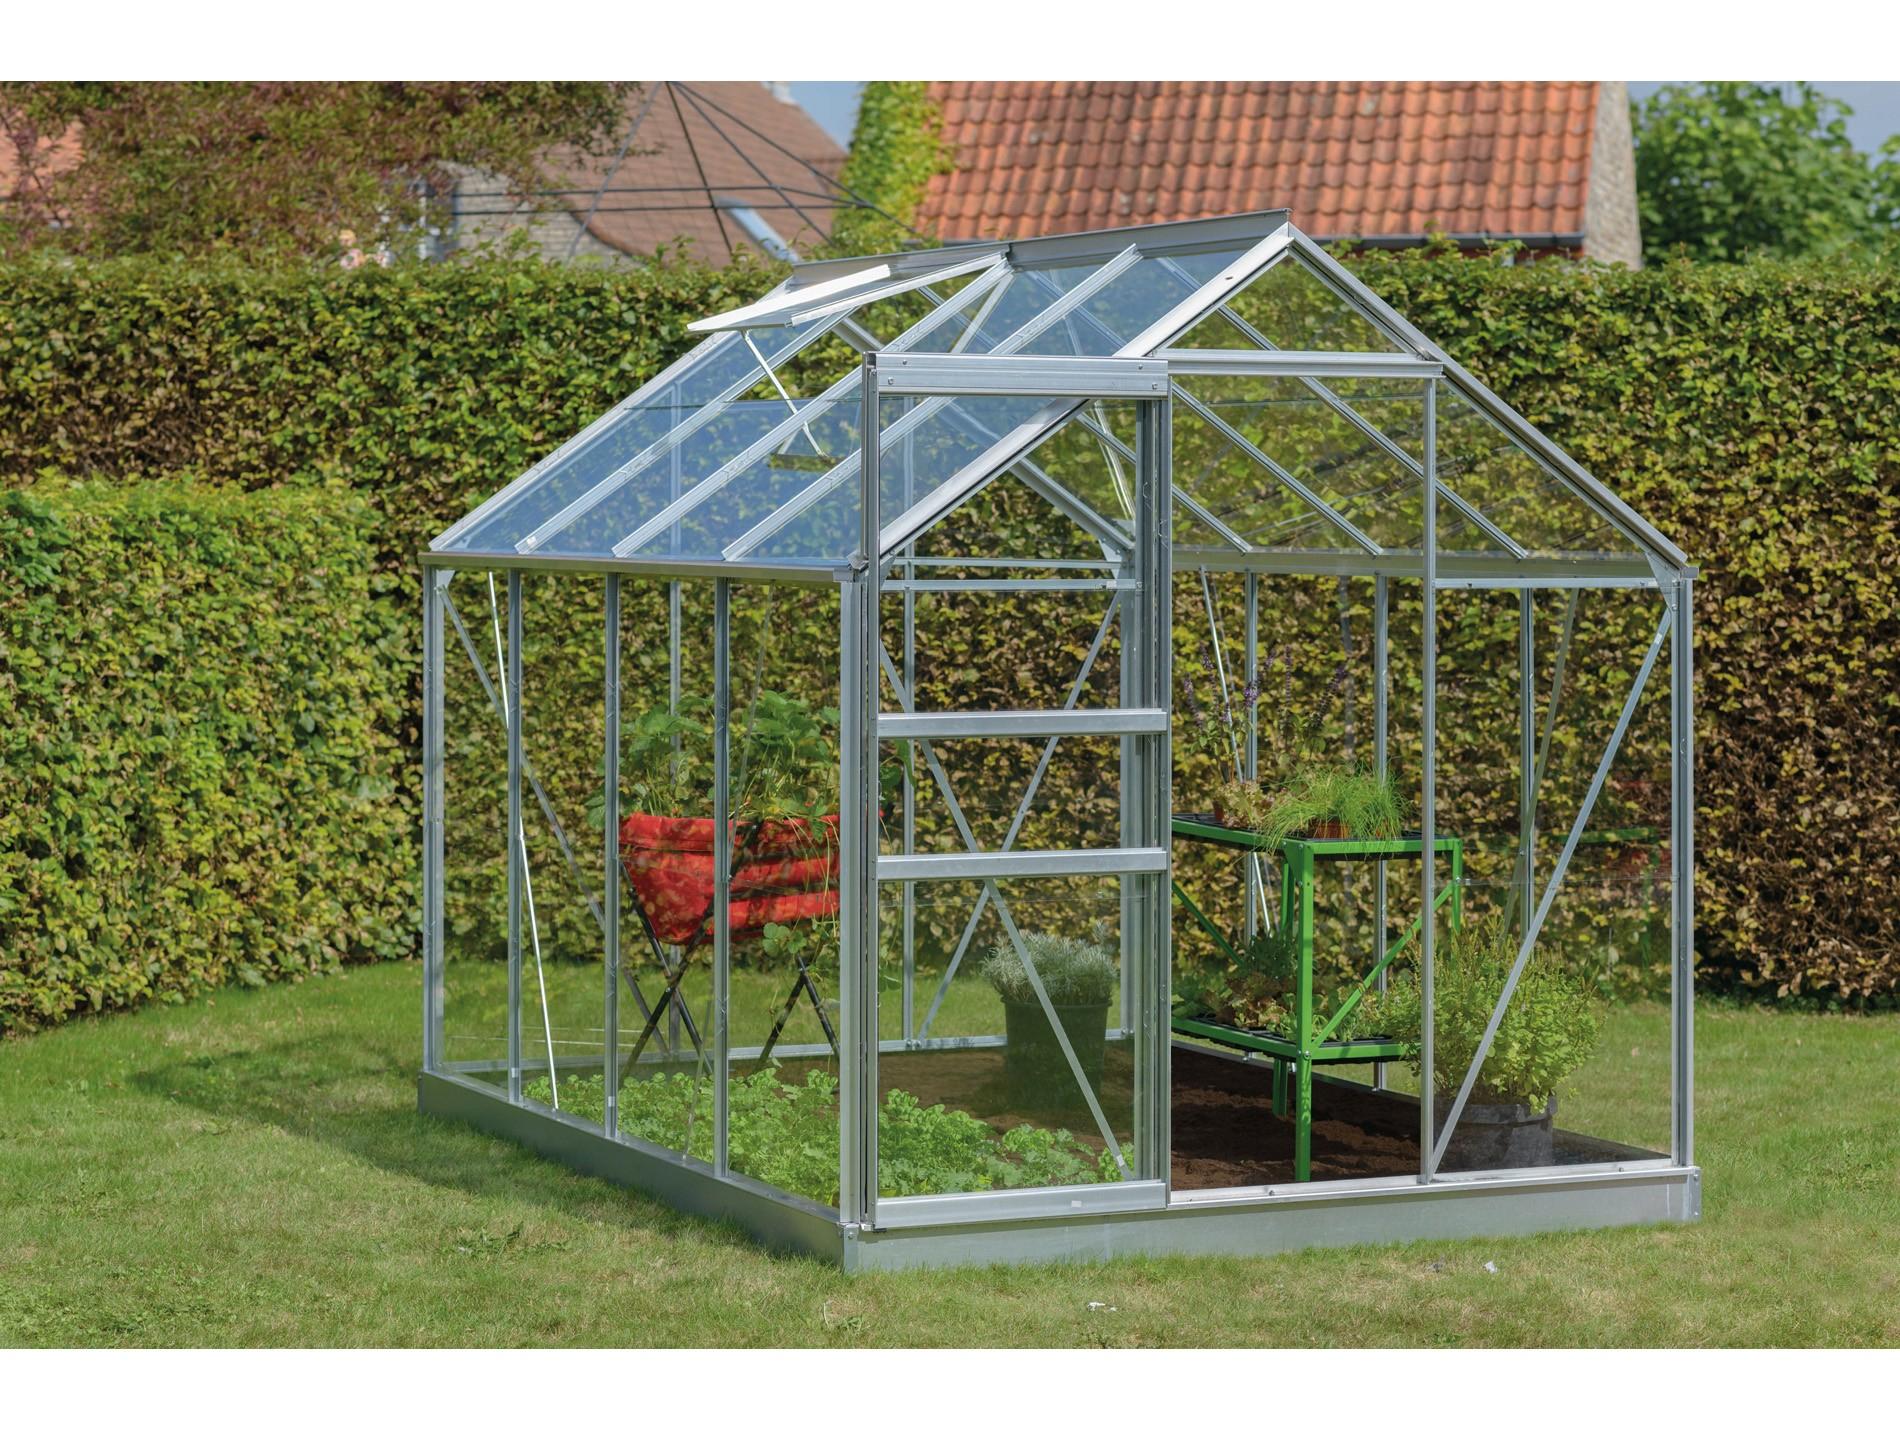 Serre Introgrow Ivy 5M² Verre Securit - Alu - Serre De ... intérieur Verre Pour Serre De Jardin